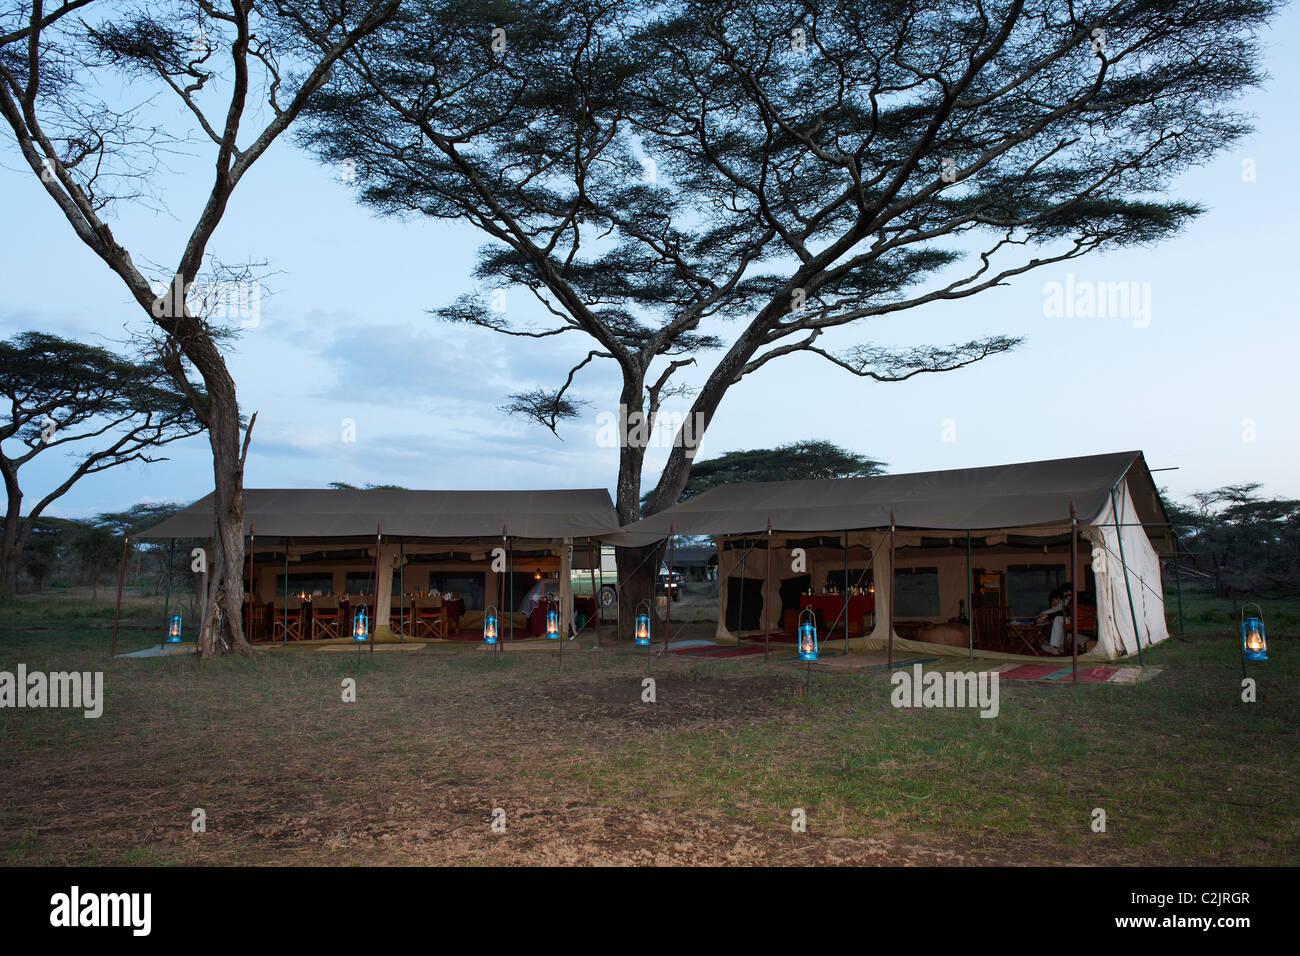 Carpa principal bajo el árbol del Serengeti Safari tendían Campamento en desierto del Serengeti, Tanzania, Imagen De Stock